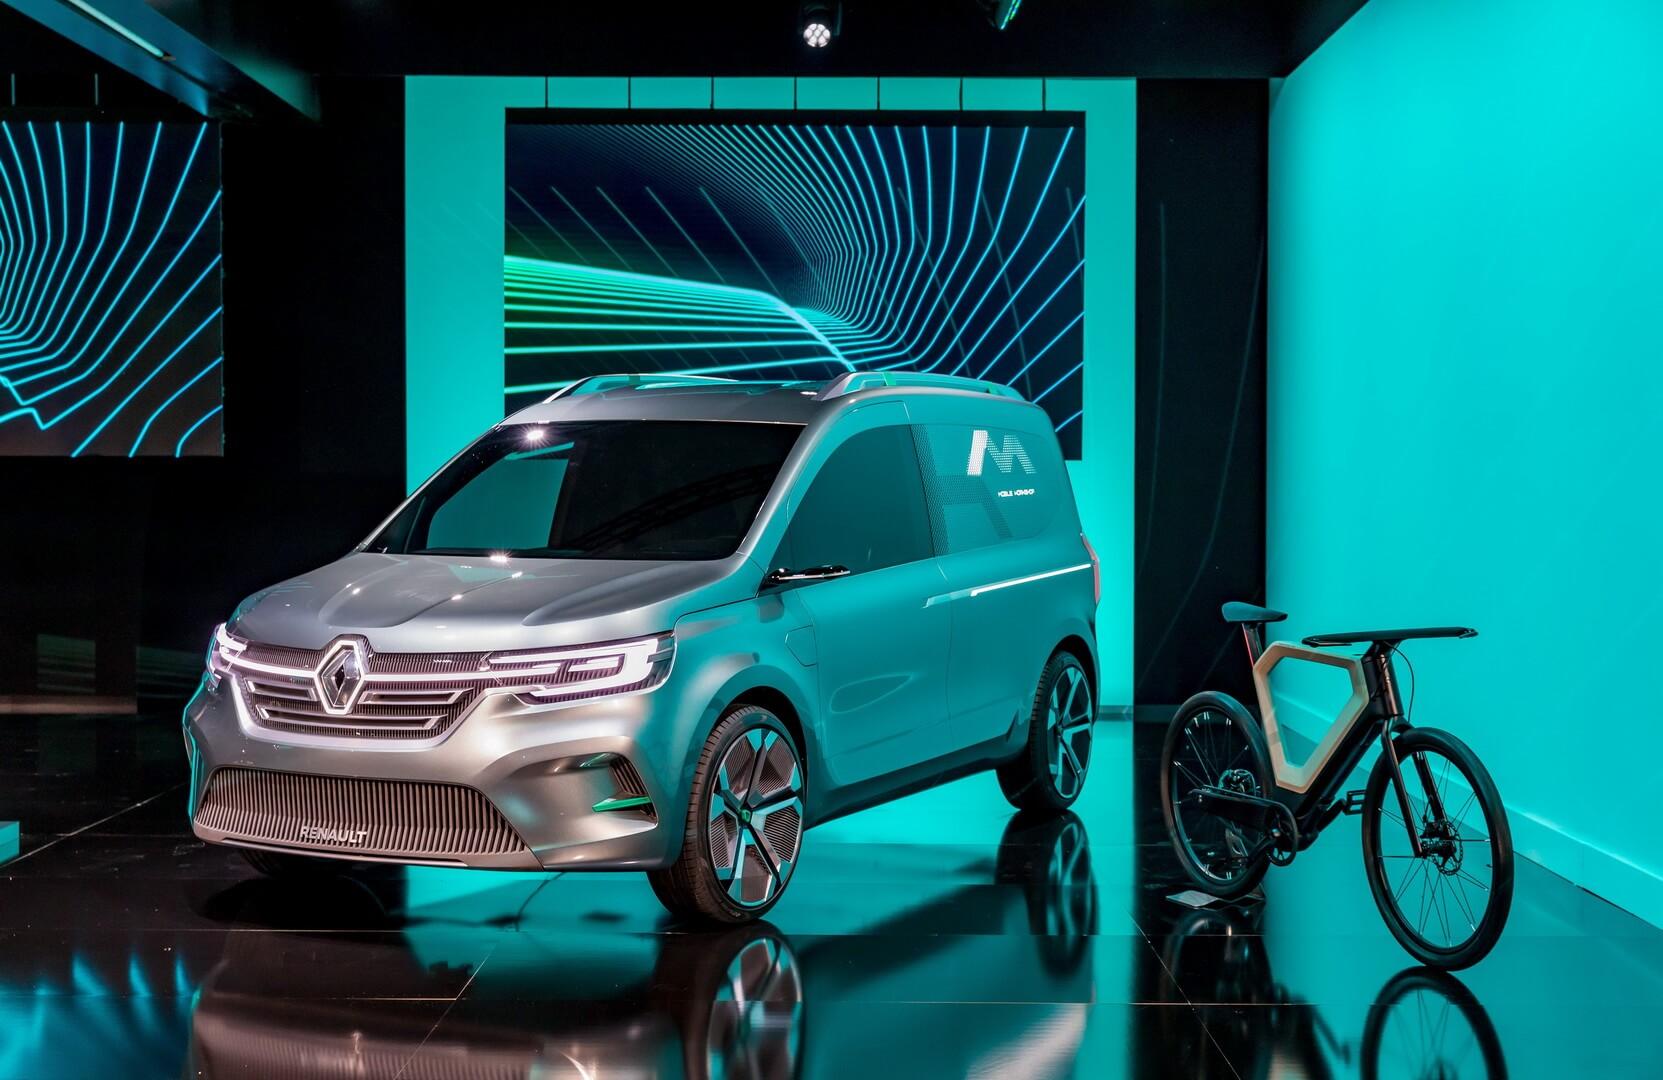 Концепт Renault Kangoo Z.E.: стильный дизайн и камеры вместо зеркал